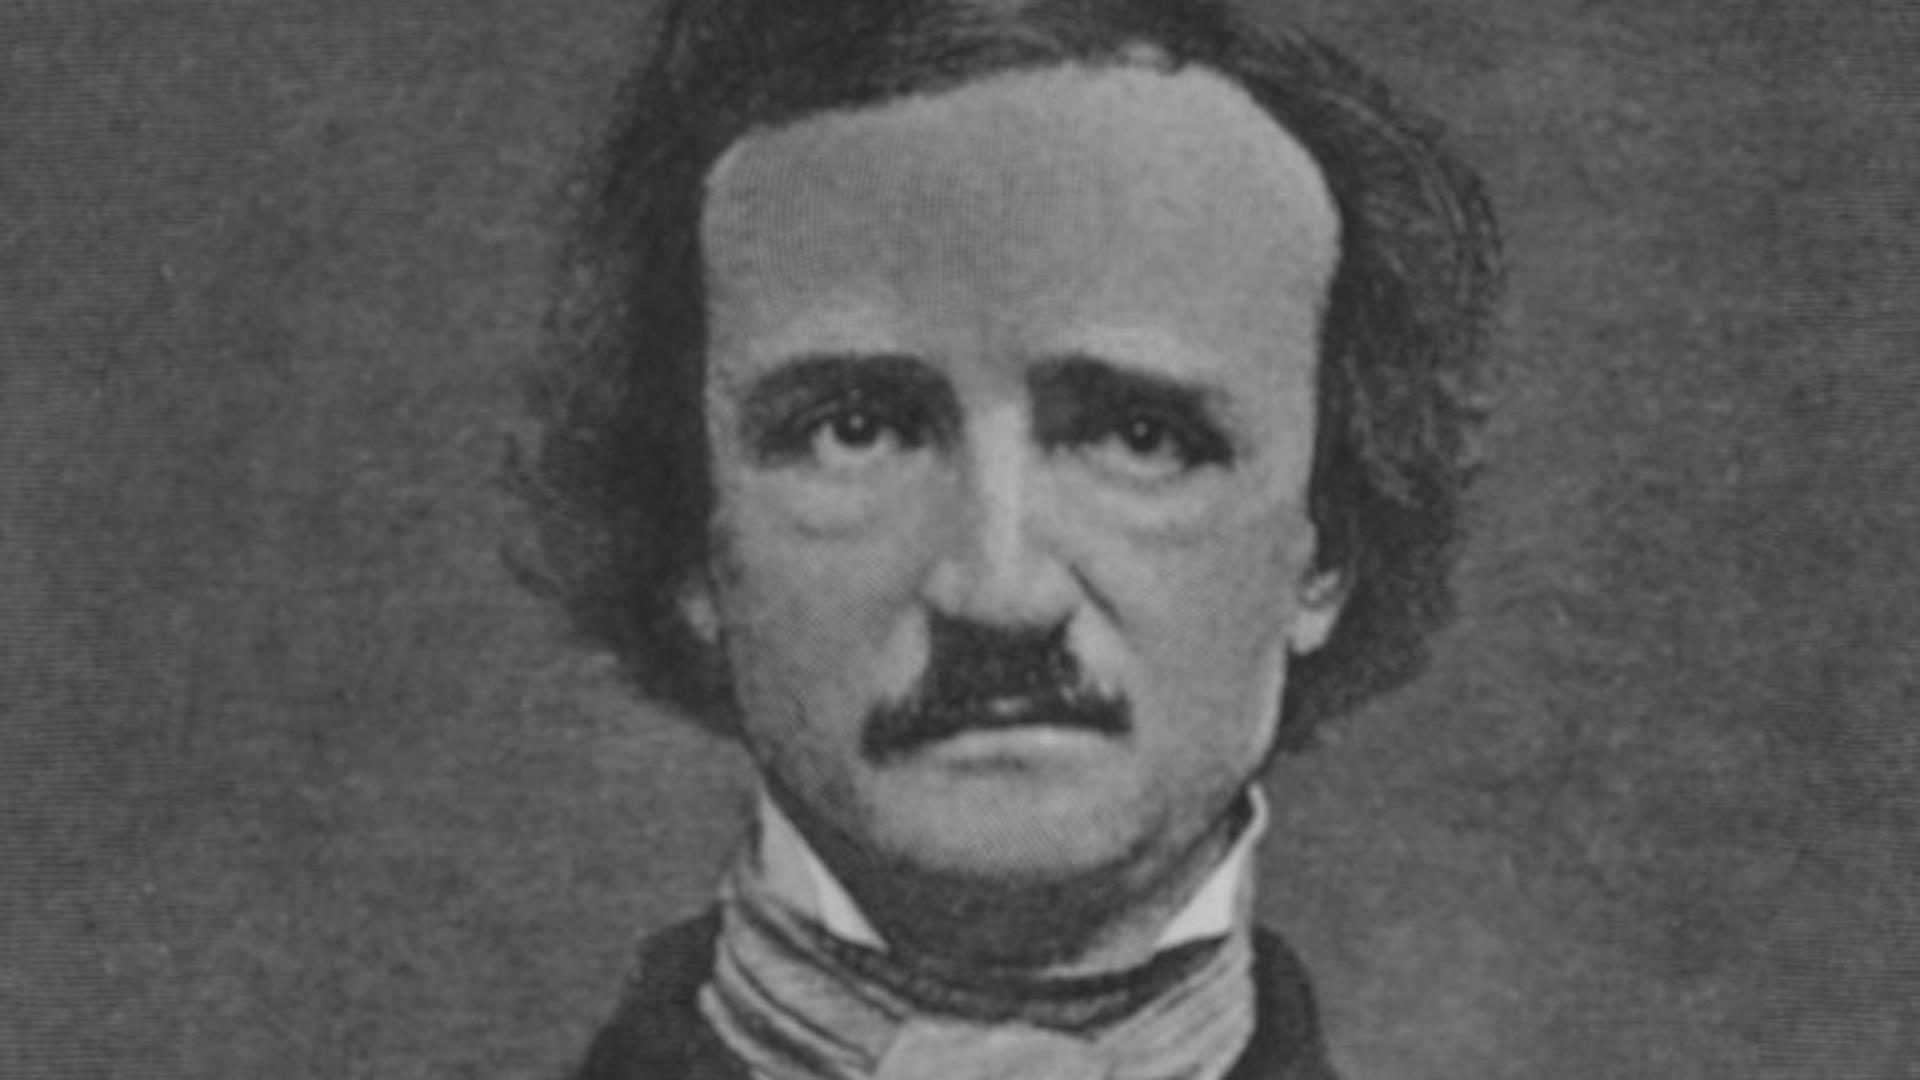 Frasi Famose Edgar Allan Poe.Edgar Allan Poe Frasi E Citazioni Del Celebre Scrittore De Il Corvo